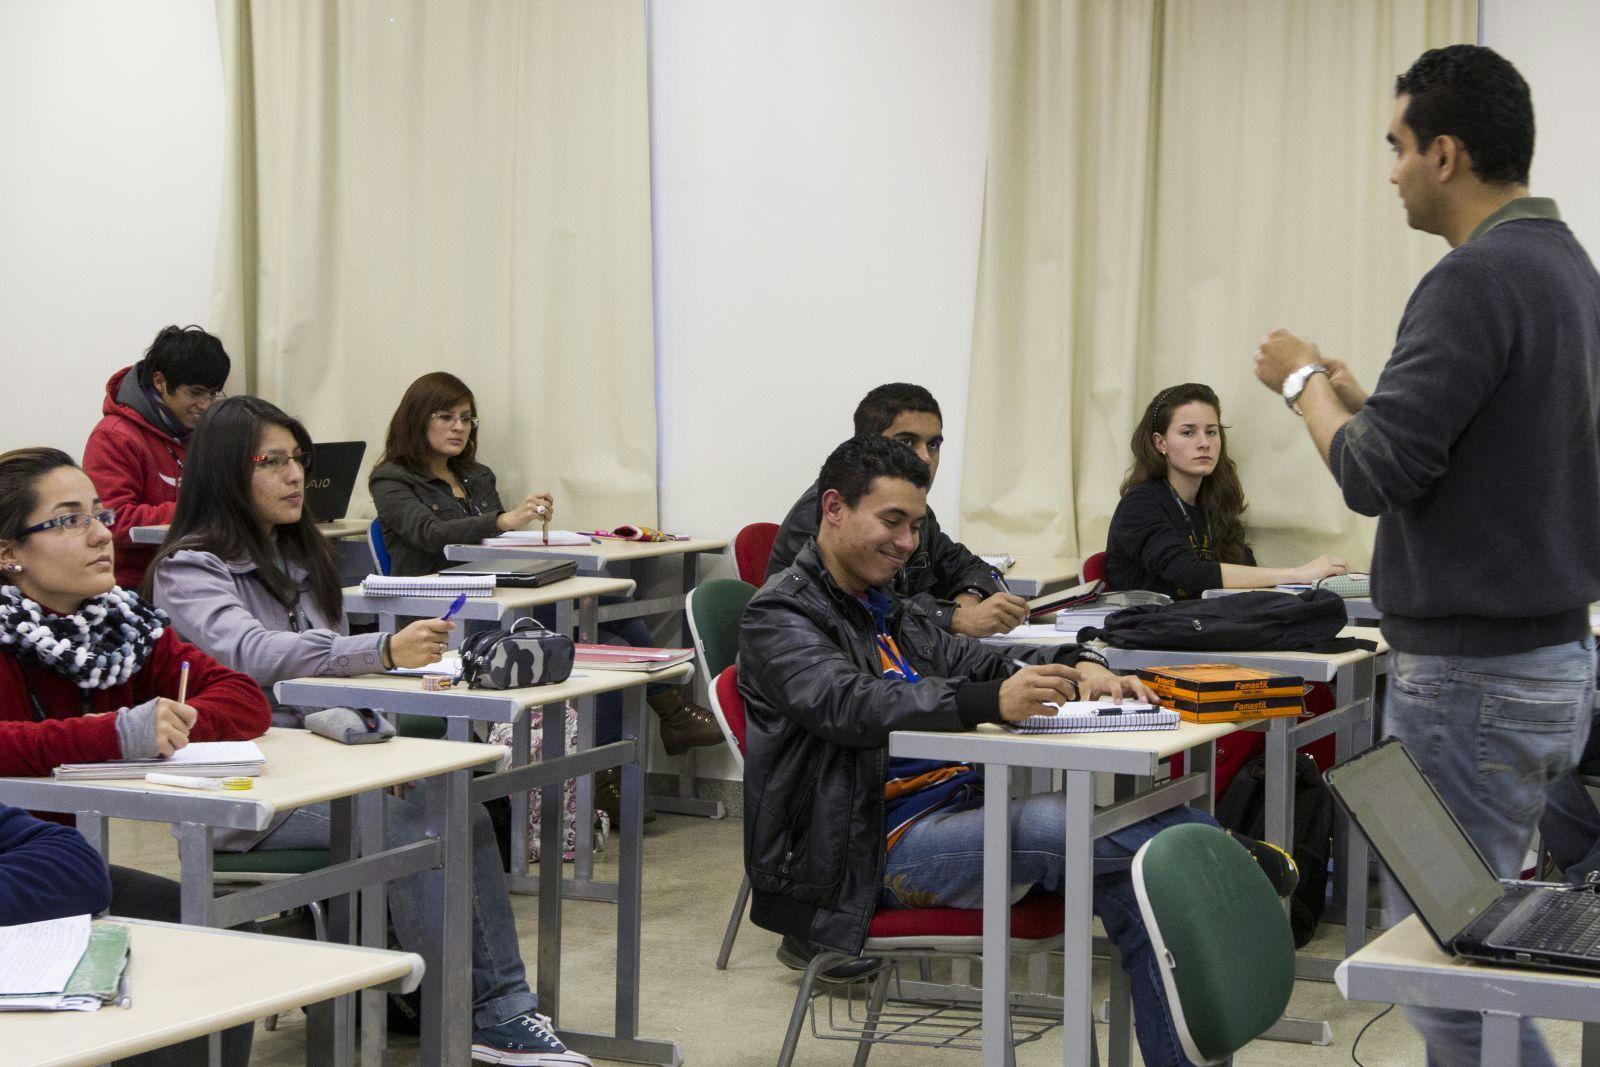 Un aula de la UnILa donde cursan estudiantes de Latinoamérica.